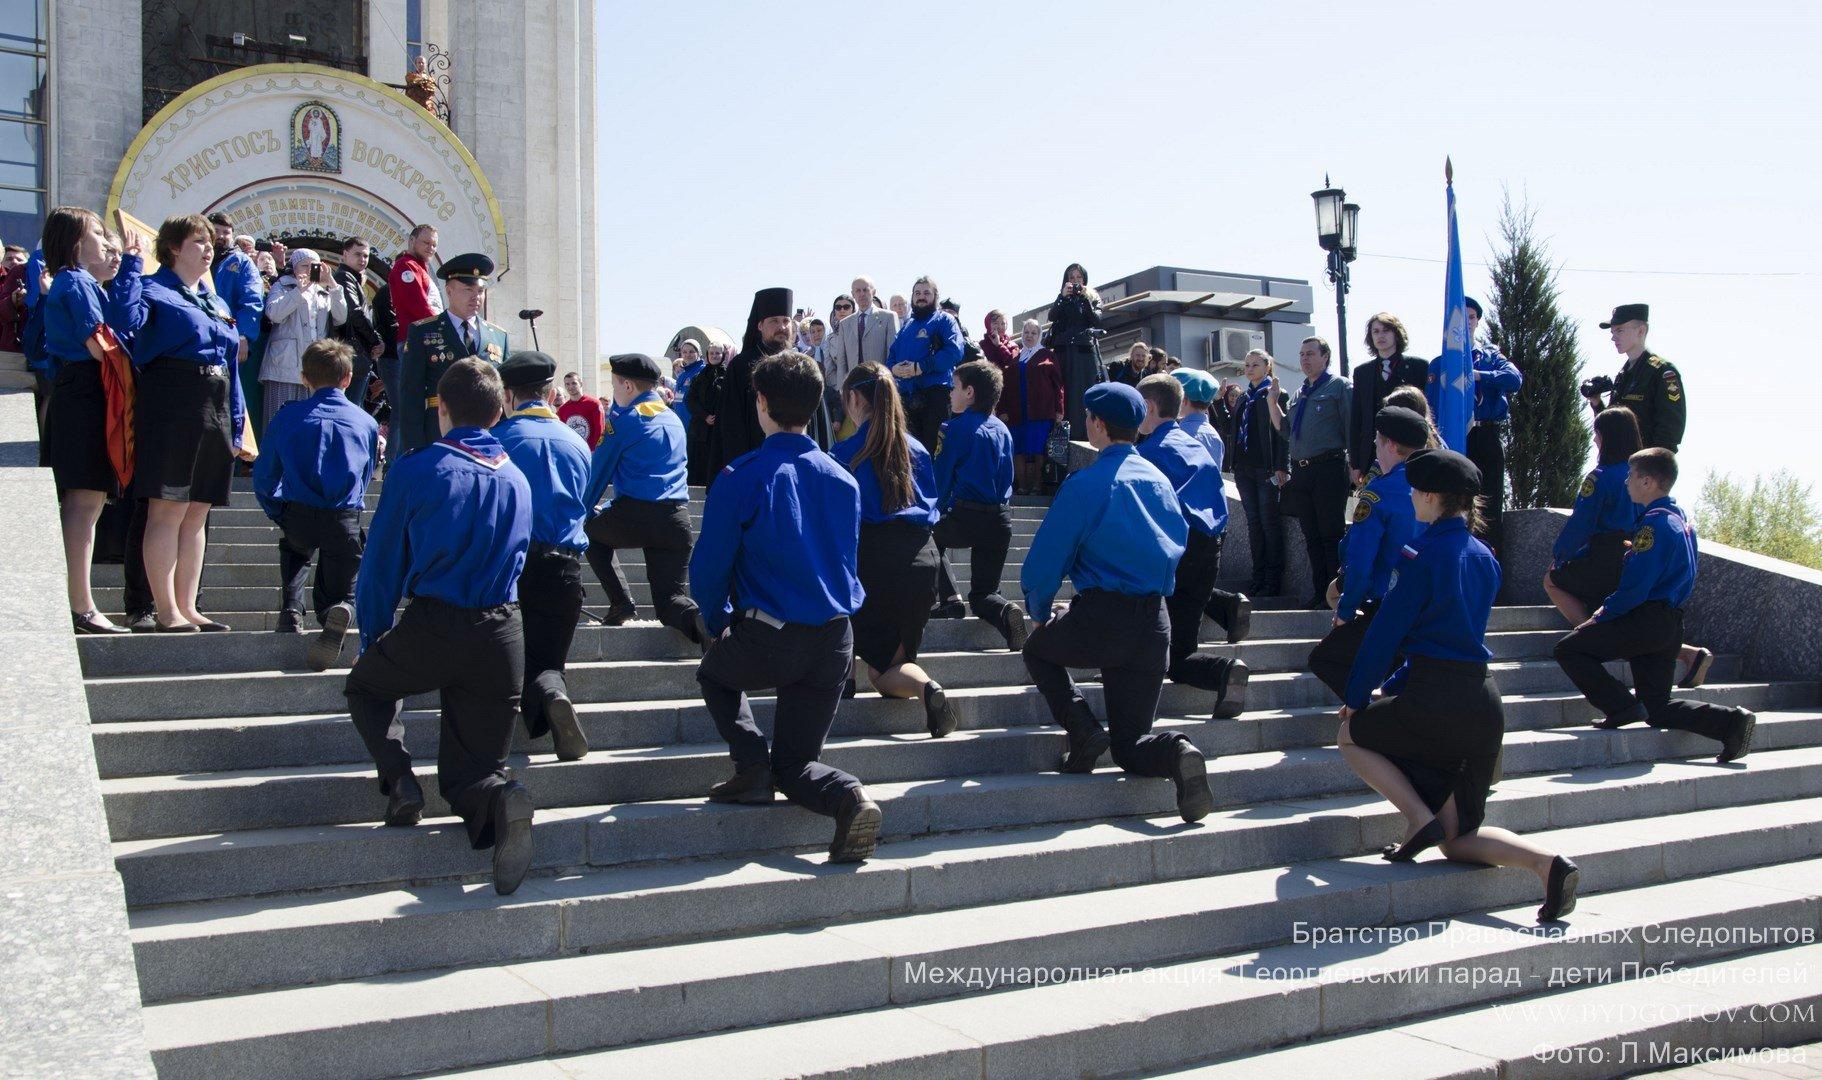 Следопыты говорят: впечатления о Георгивском параде на Поклонной горе в Москве + ВИДЕО